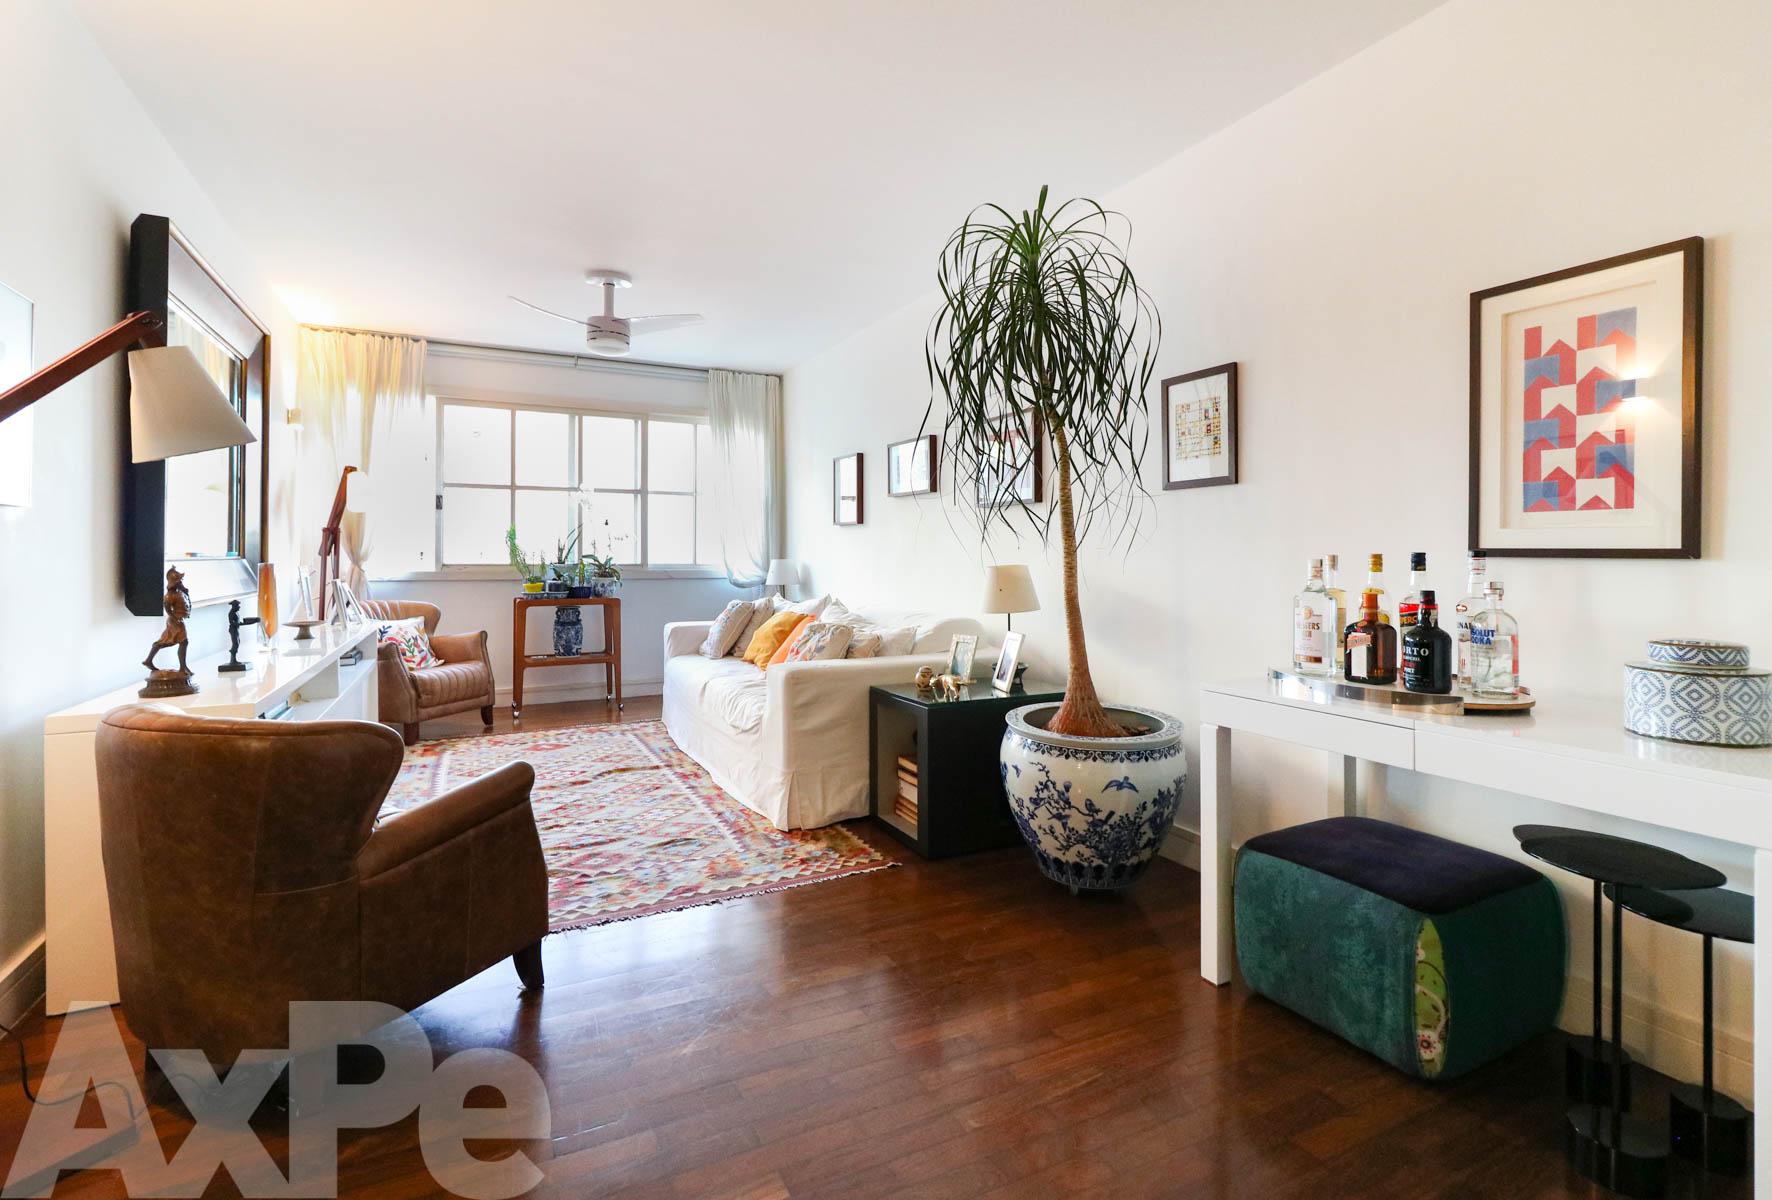 Axpe Apartamento - AX146993